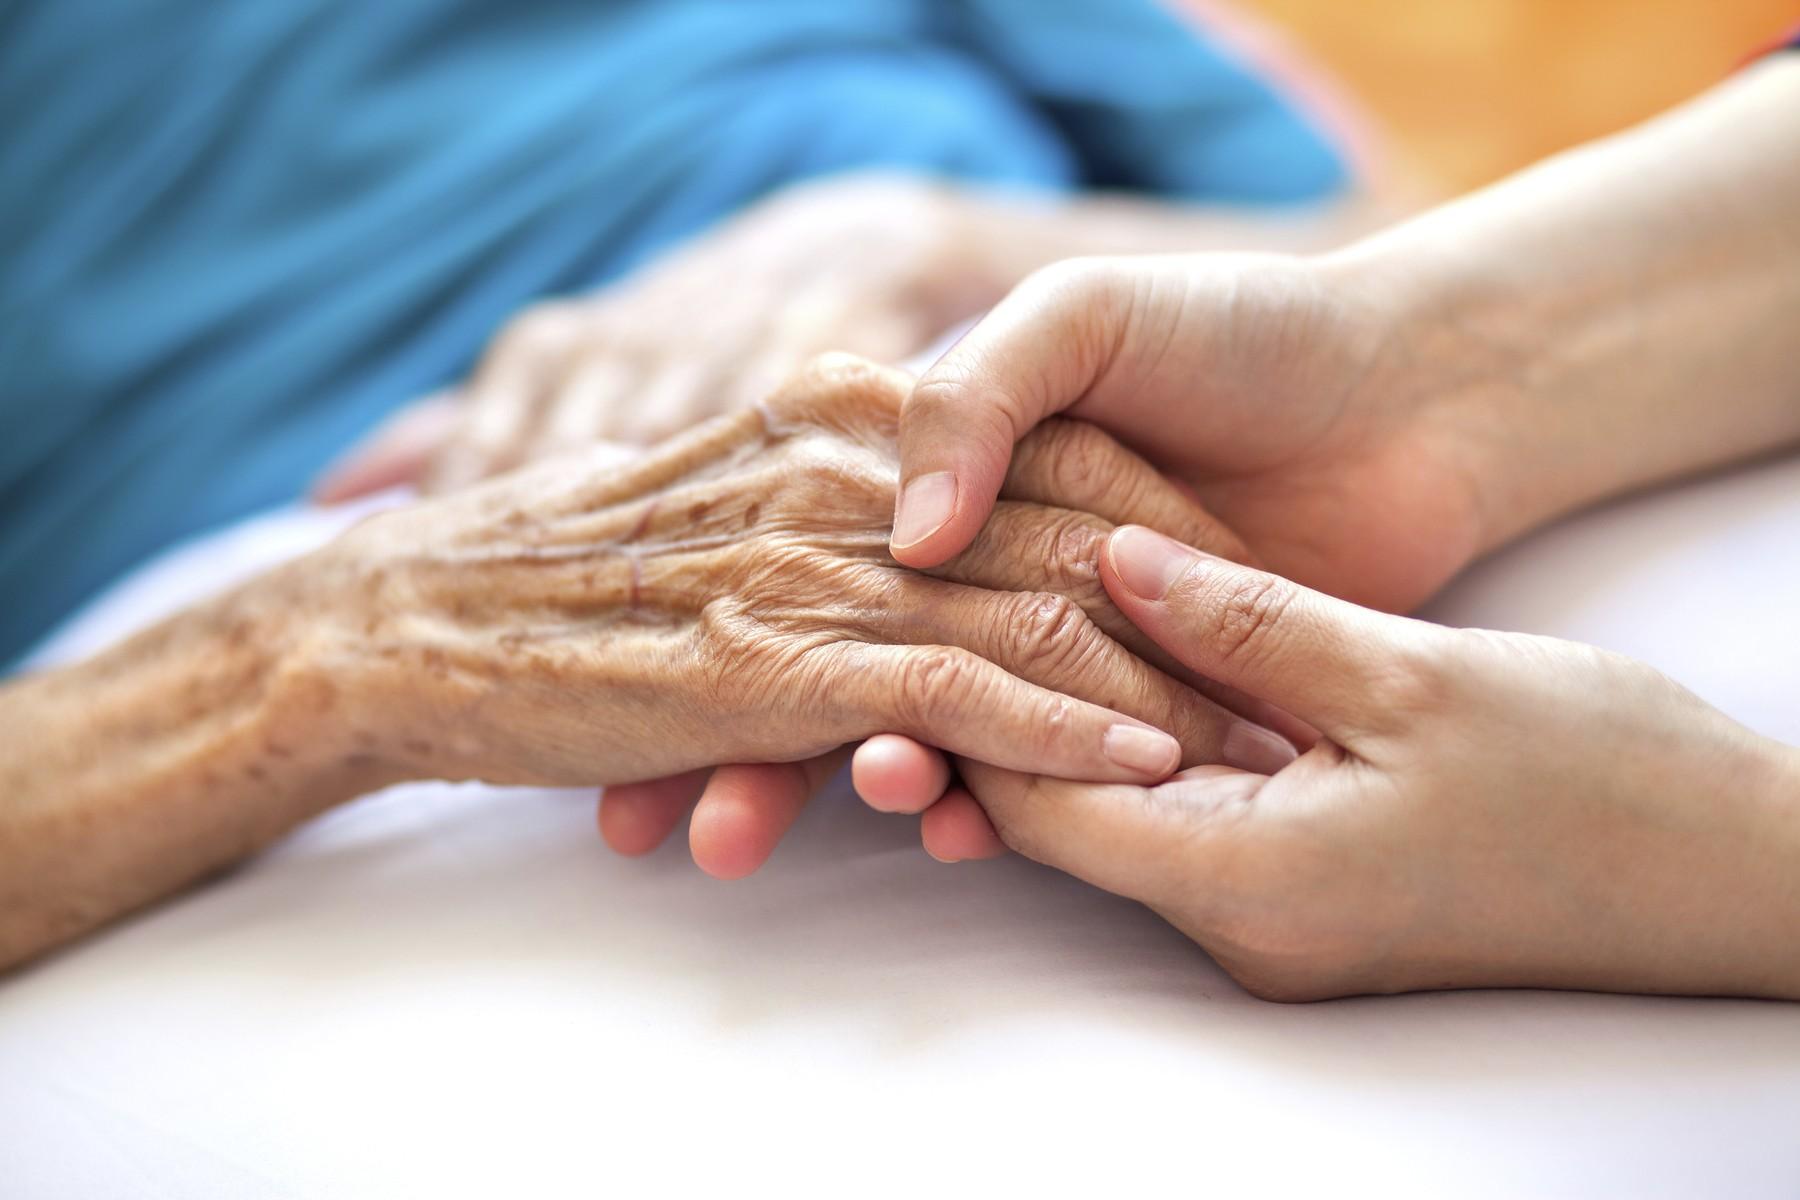 O femeie infectată cu SARS-CoV-2 şi-a surprins rudele, care o credeau decedată. Bătrâna de 85 de ani a revenit la azil(...)